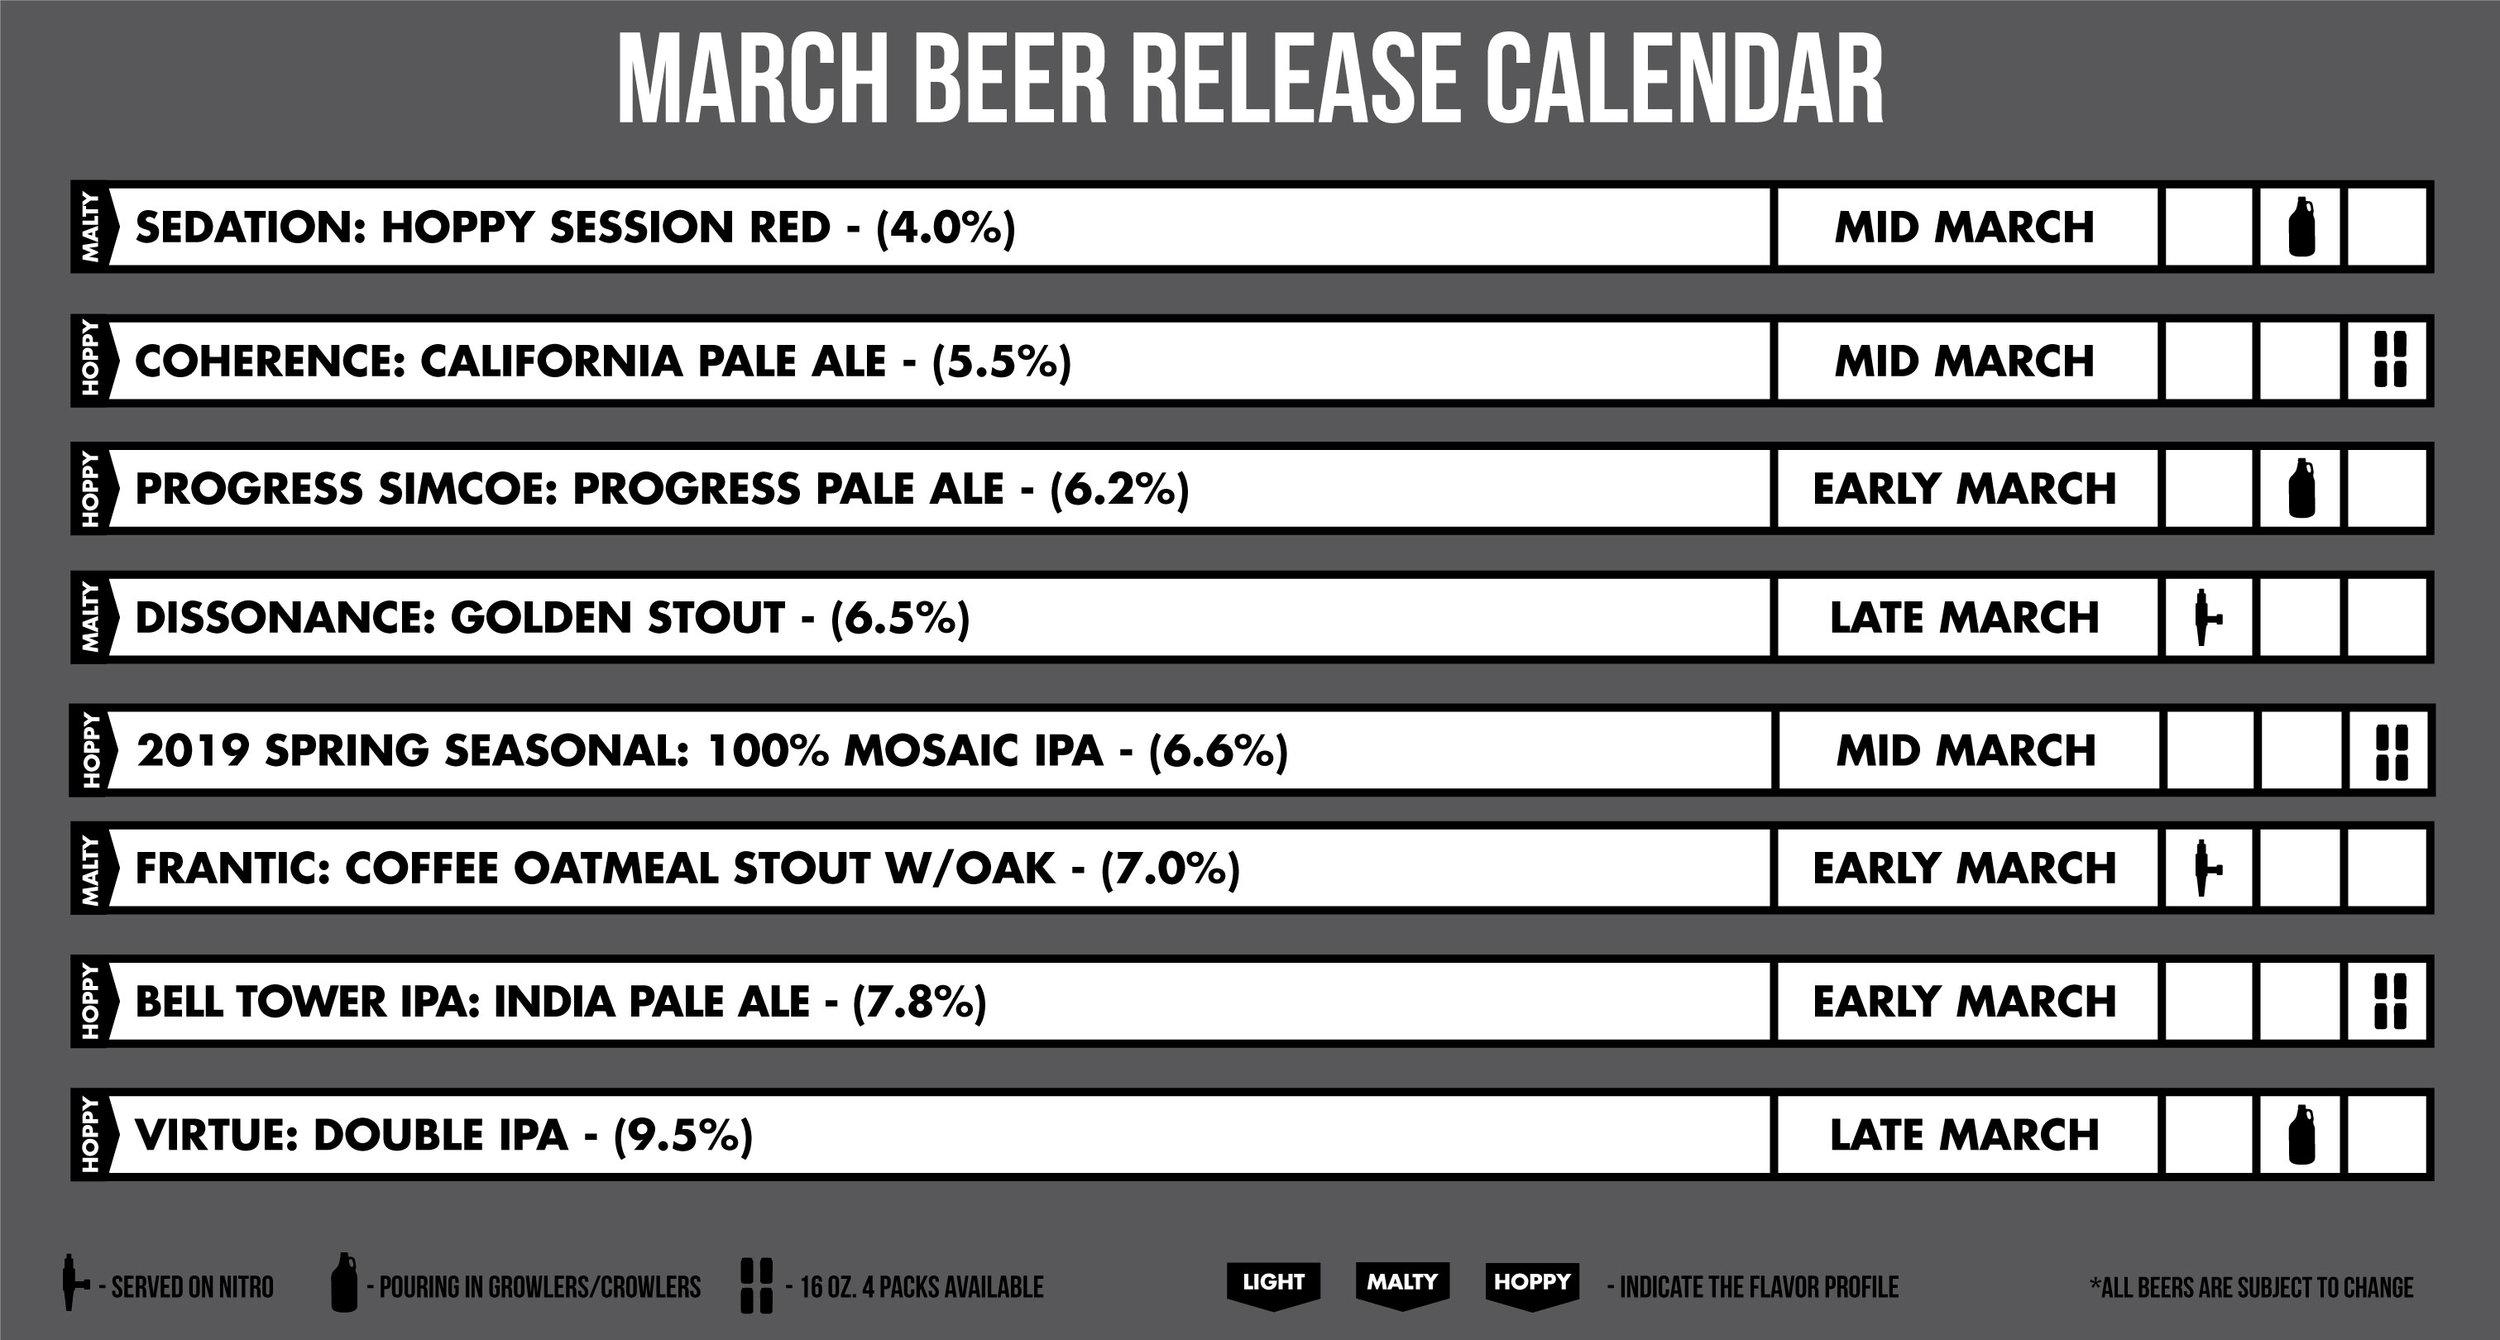 March_Beer_Release_Calendar_2019.jpg